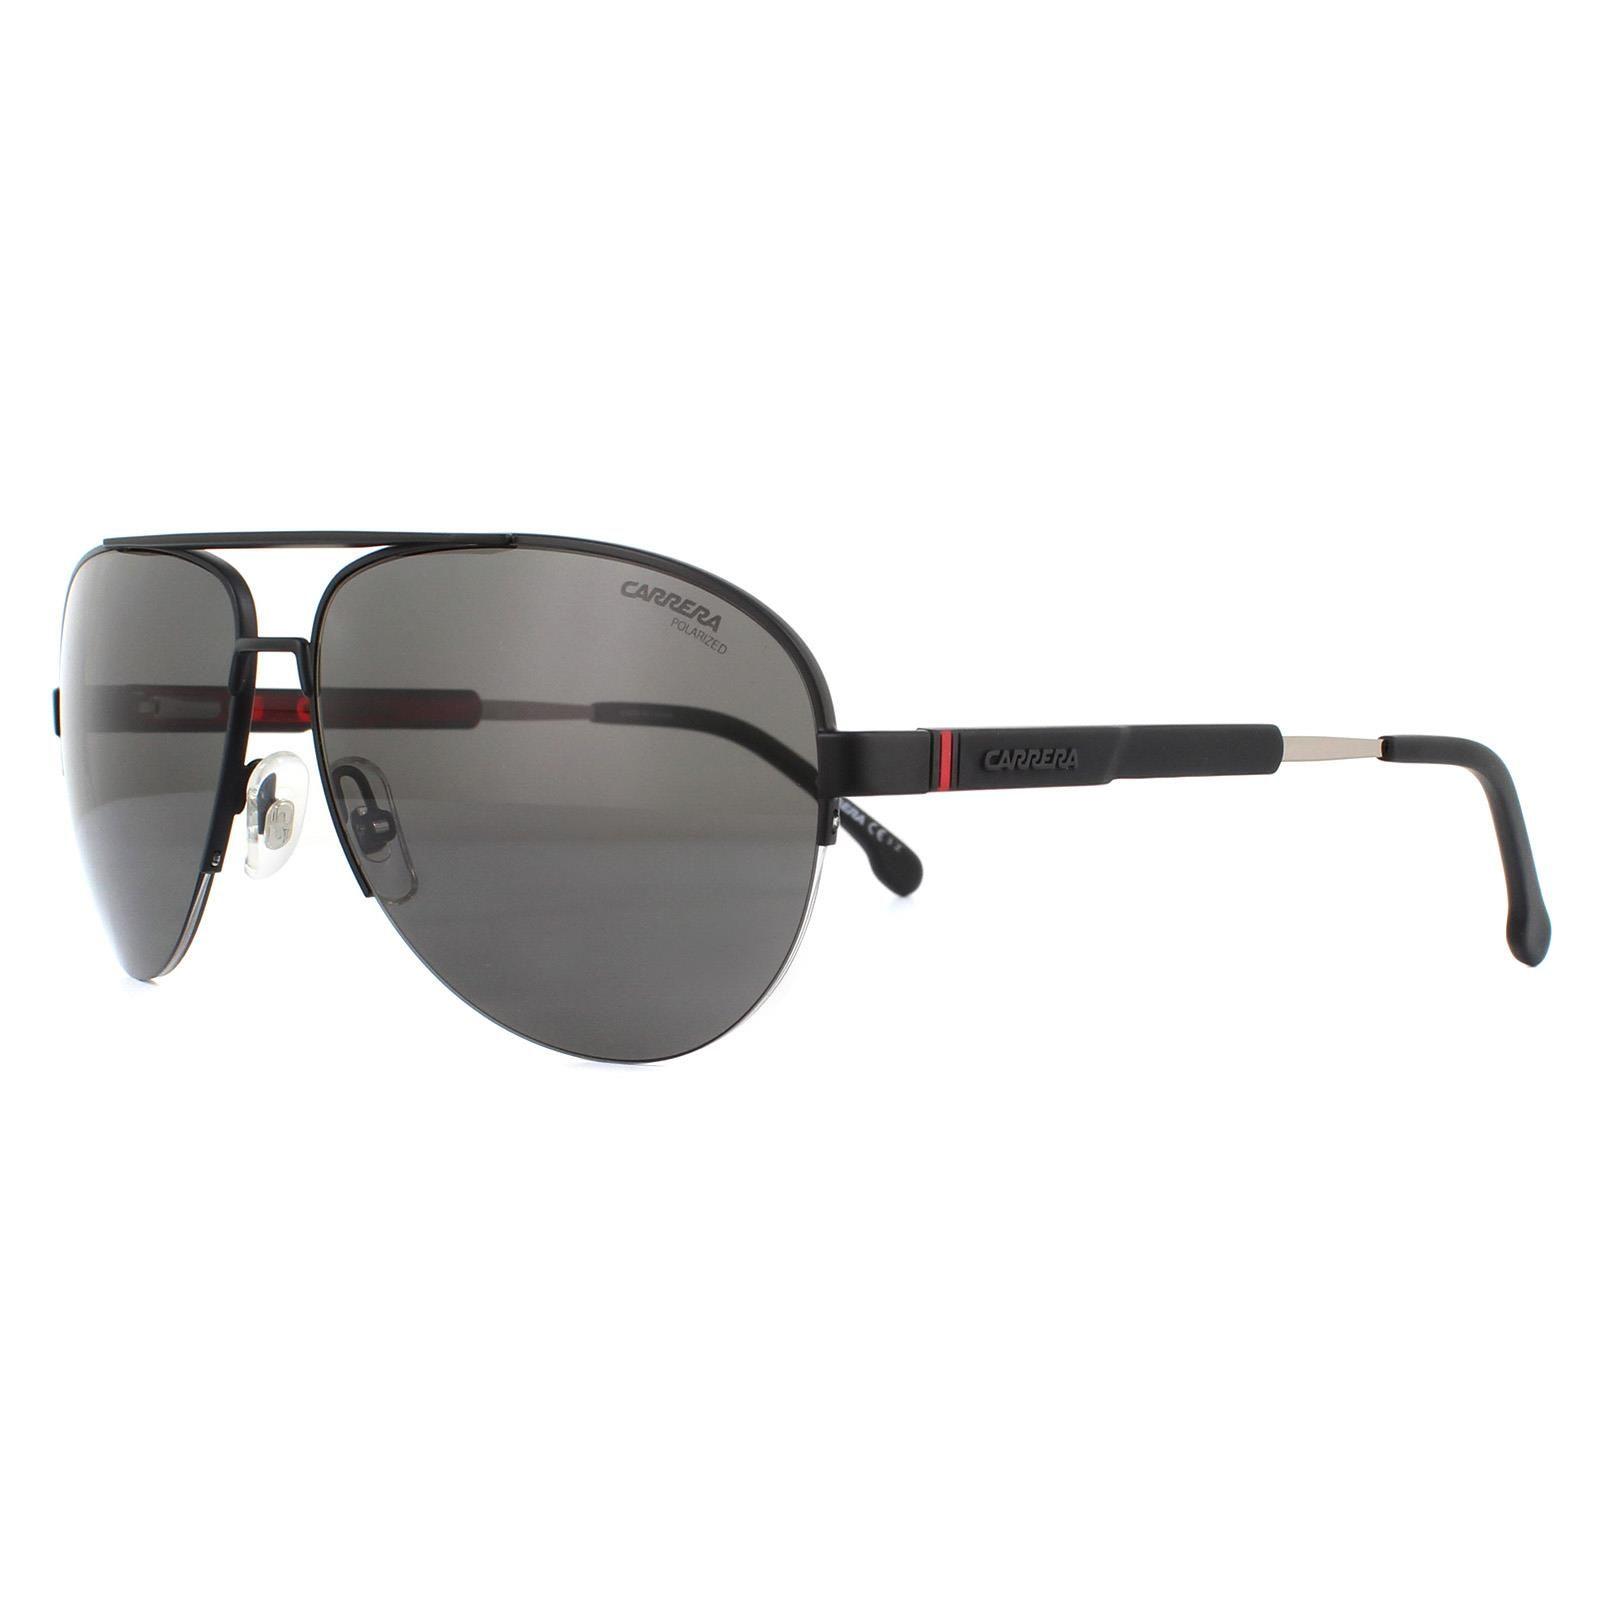 Carrera Sunglasses 8030/S 003 M9 Matte Black Grey Polarized